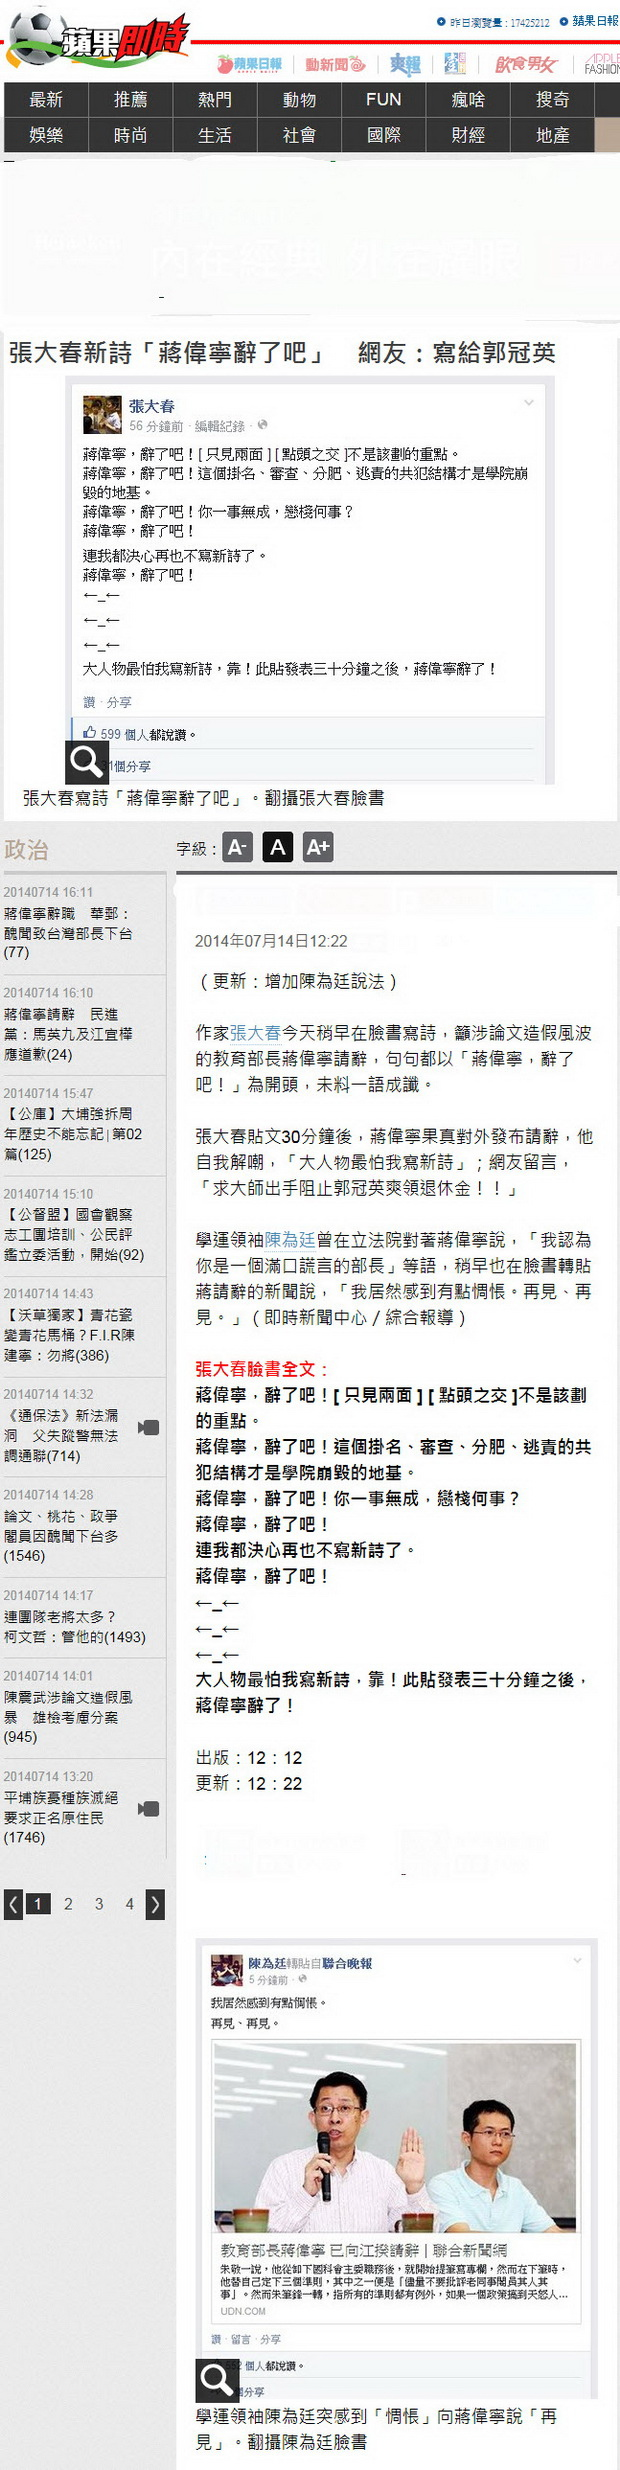 張大春新詩「蔣偉寧辭了吧」網友:寫給郭冠英-2014.07.14.jpg